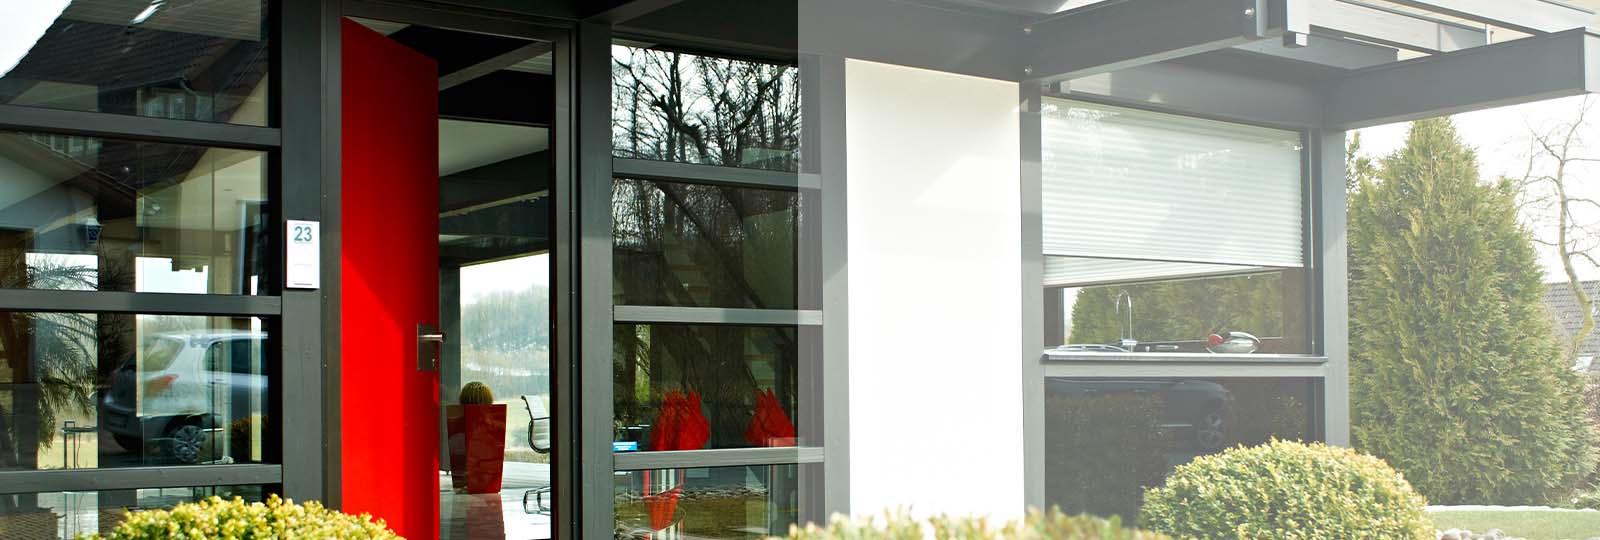 Detmolder Fachwerkhaus – Moderner Eingangsbereich